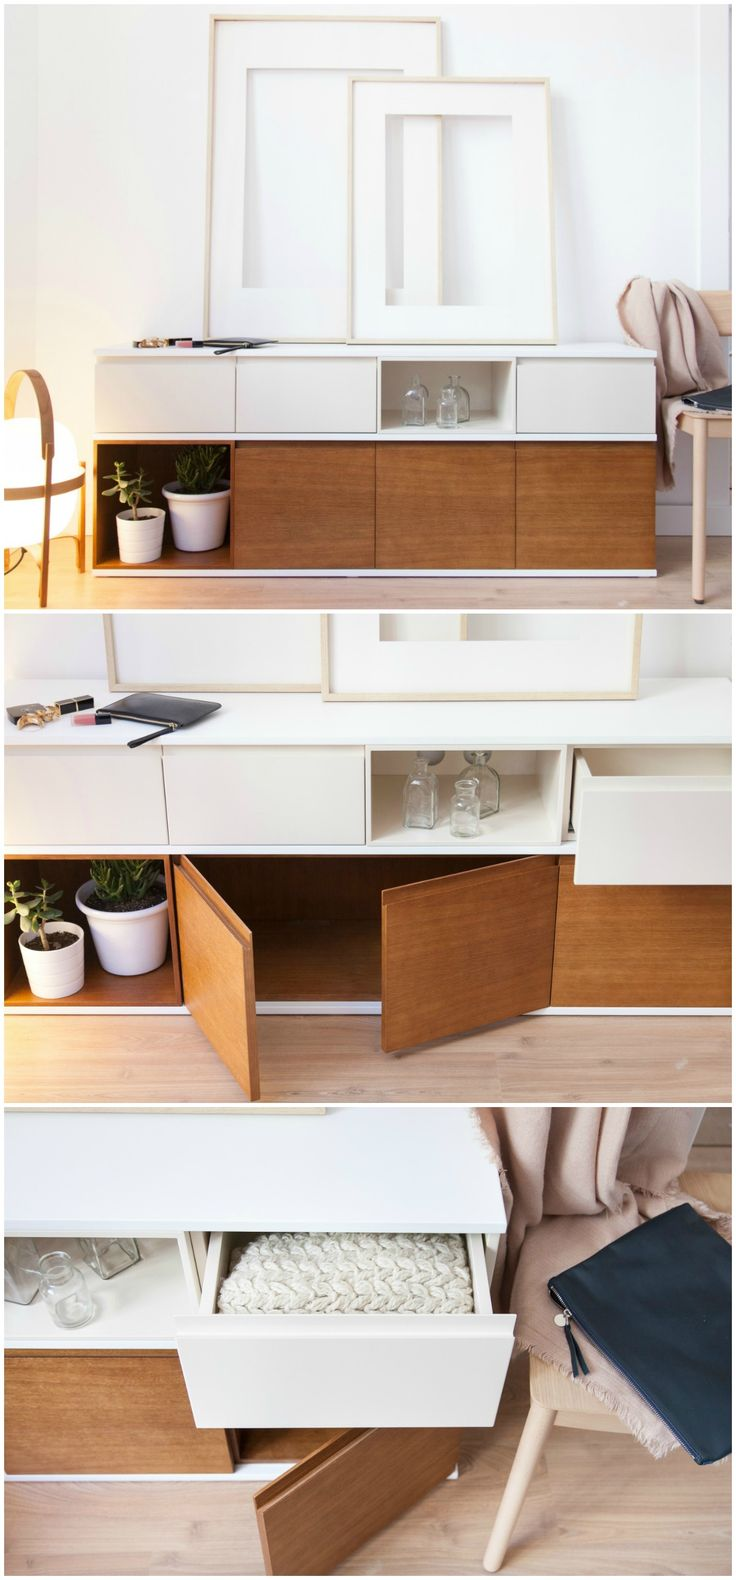 Las 25 mejores ideas sobre muebles minimalistas en for Muebles espanoles modernos